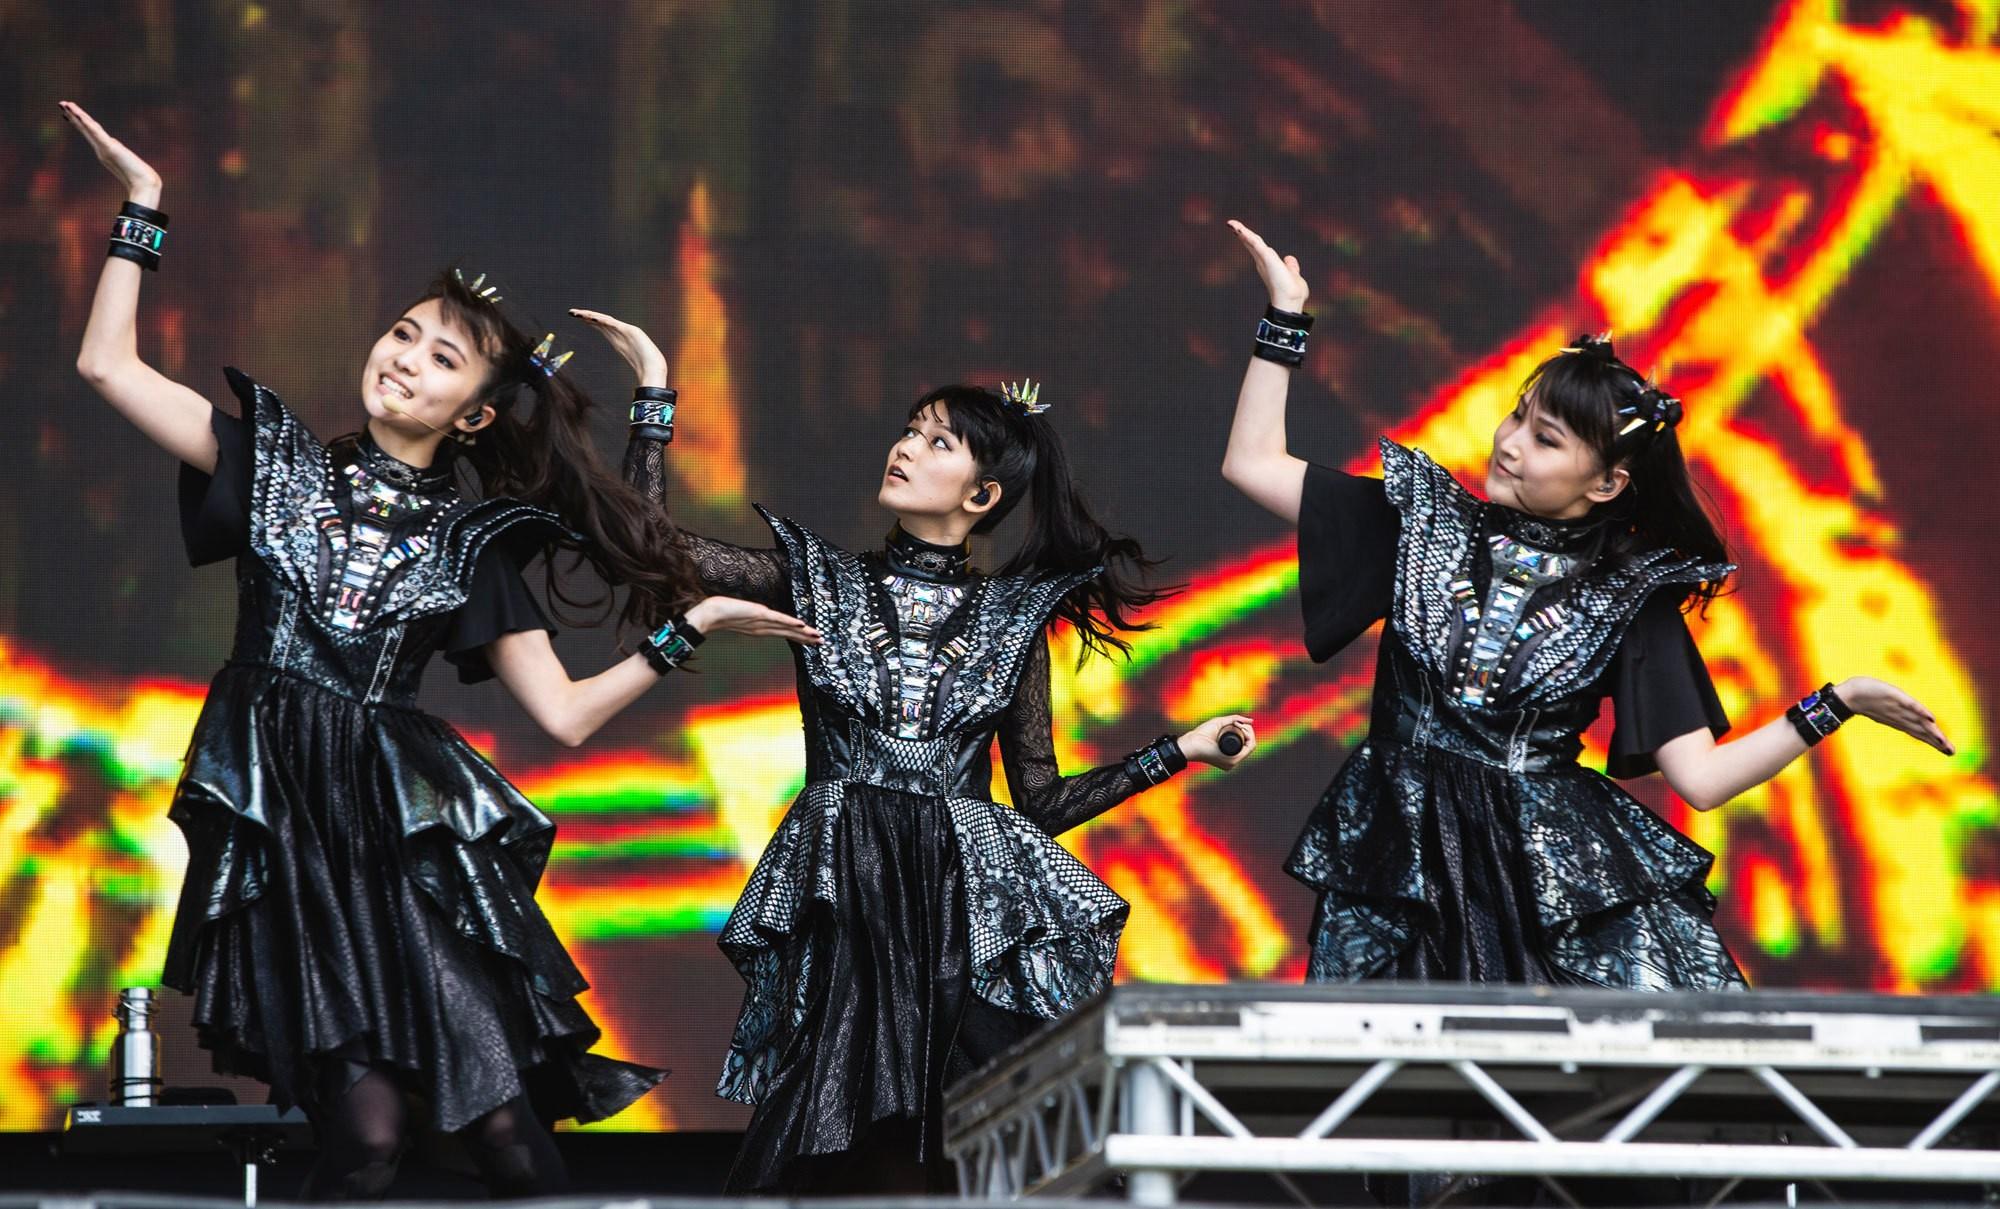 BABYMETALのUSツアー開幕ライブとなるオーランド公演に何か望むことがあるでしょうか?